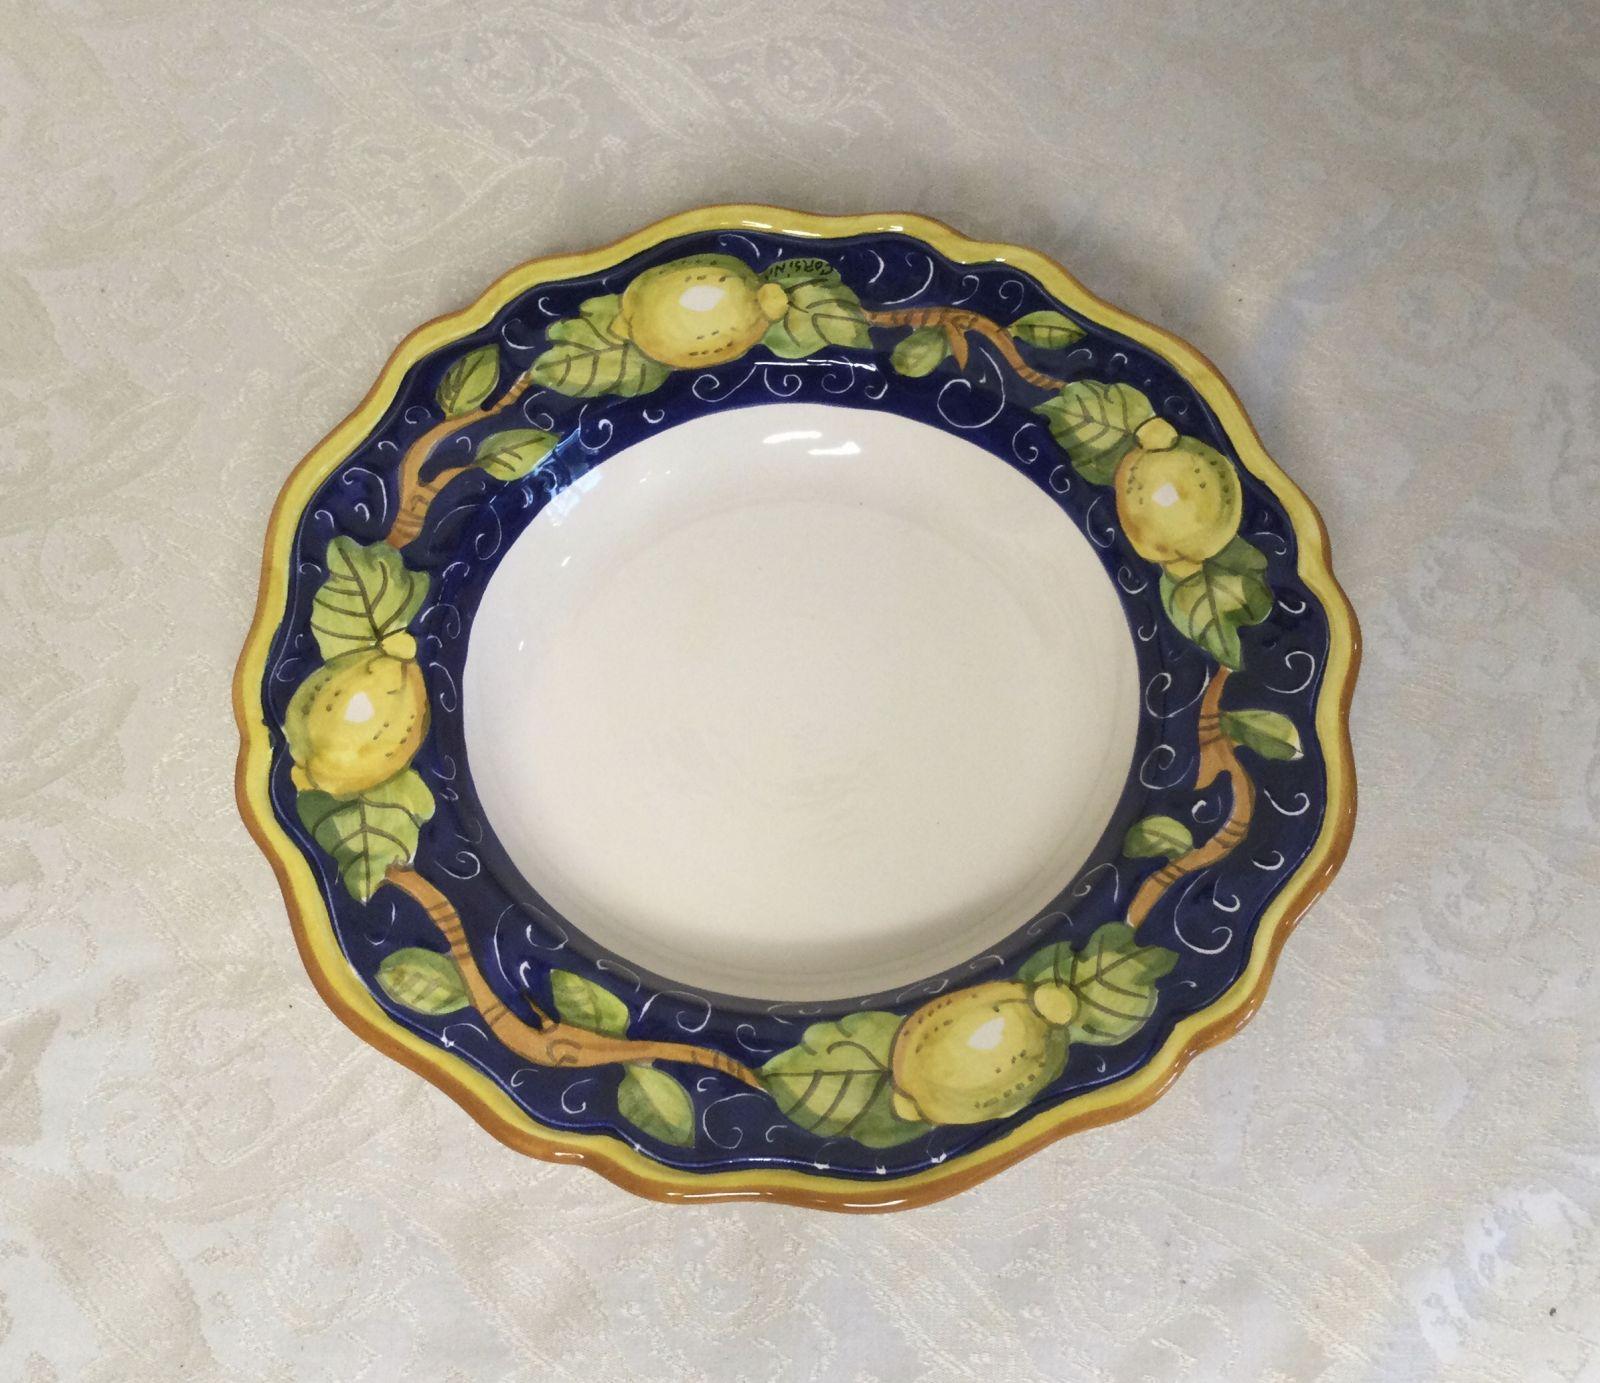 Piatto frutta sim cm 22 con limoni fondo blu